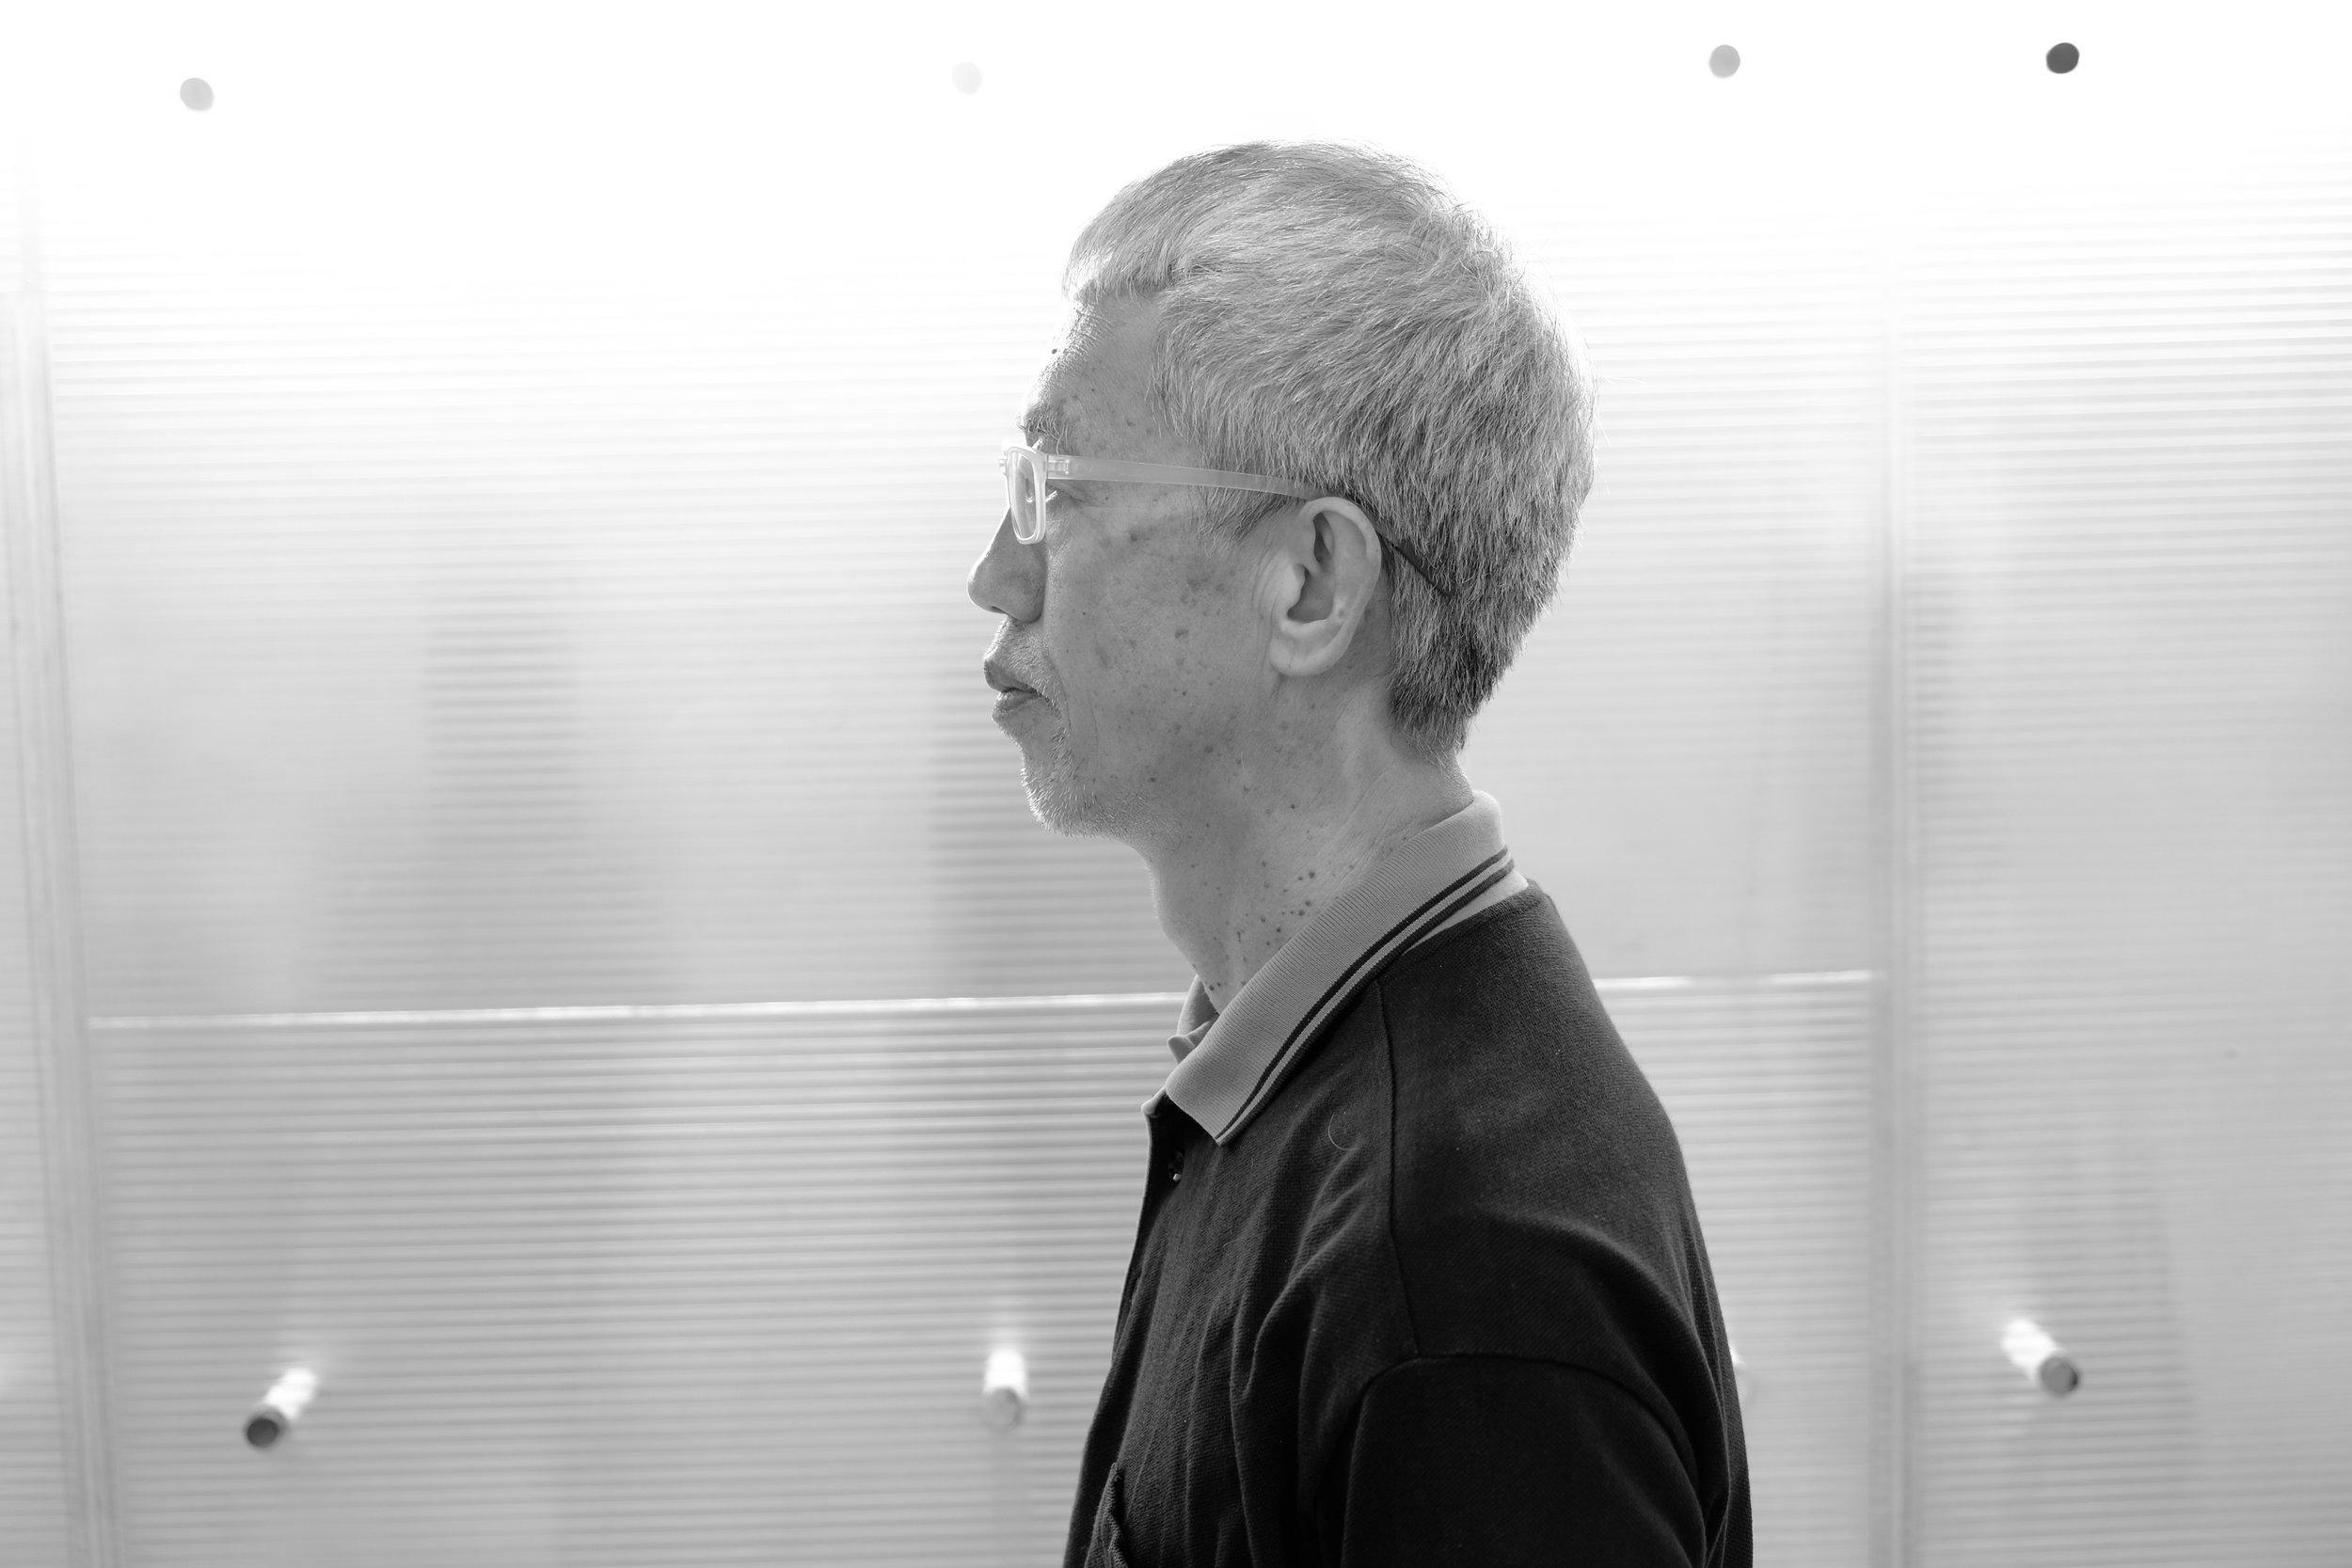 黃勤帶 - 知名香港紀實攝影師,生於1957年,年輕時曾任突發記者,主要出版攝影集包括《皇后旅館》、《Vajrayāna》、《89'廣場的日子》及《2002-07香港地》、《Fukushima》。